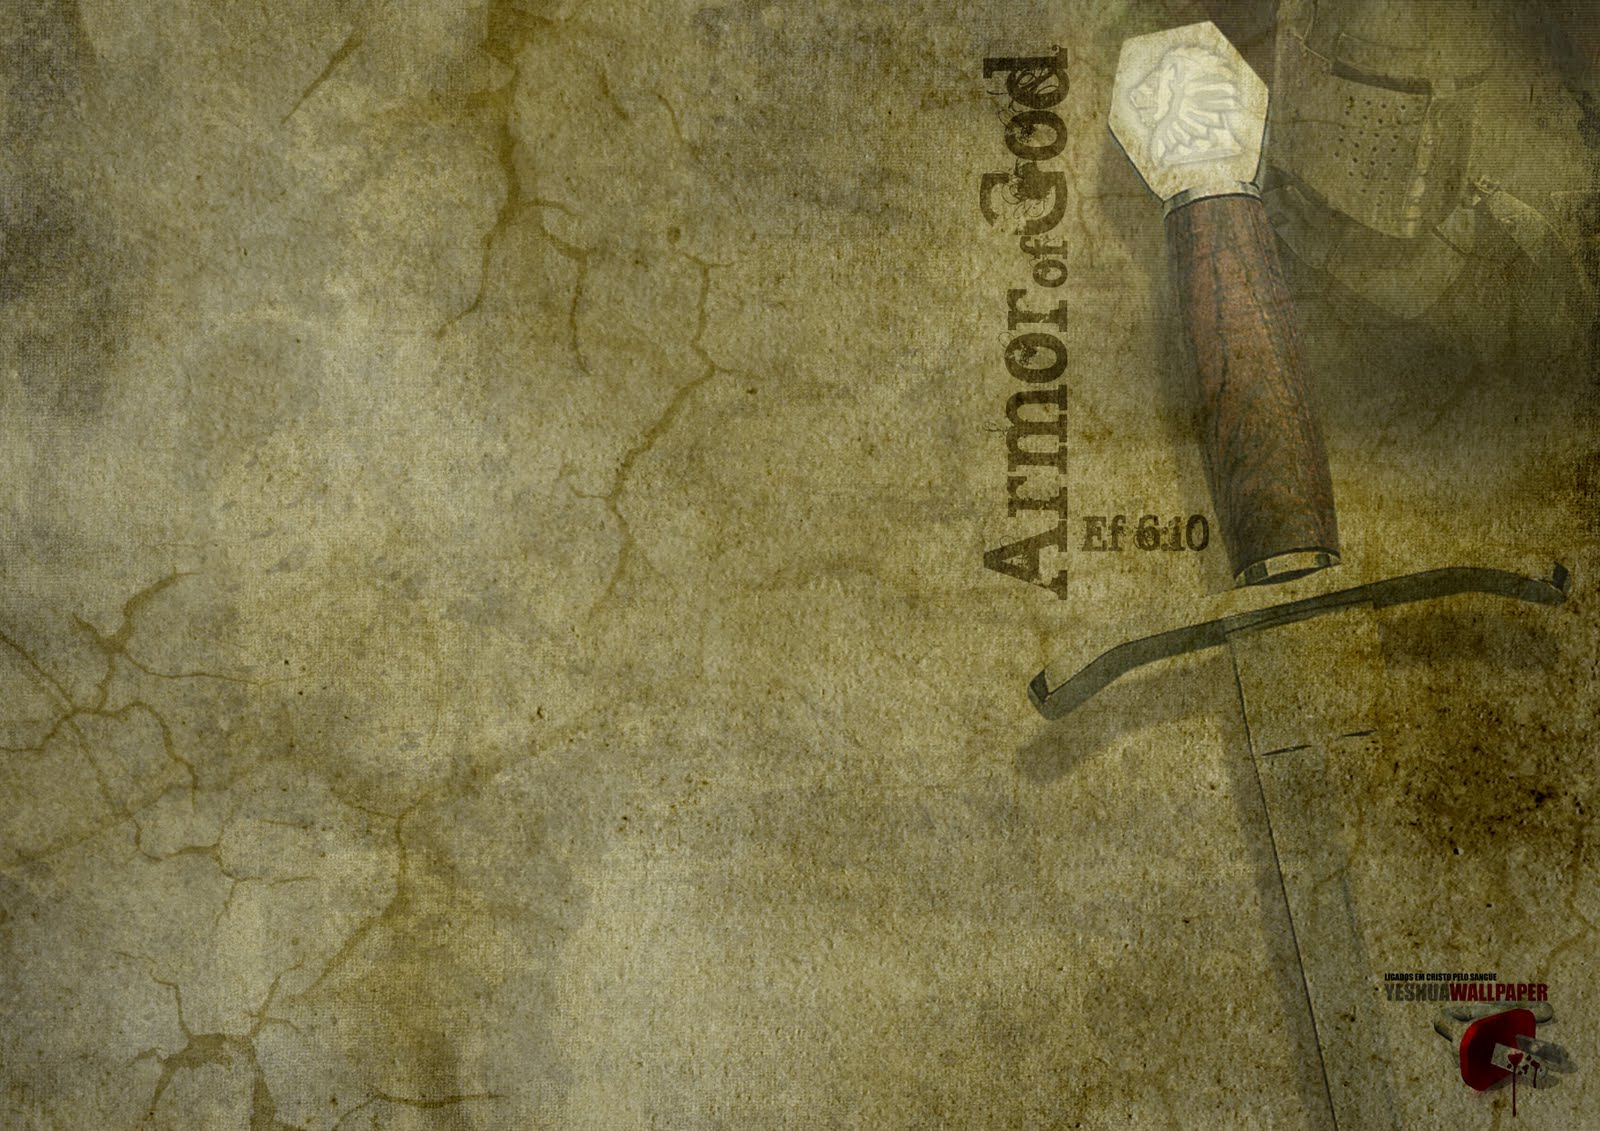 Christians wallpapers armor of god armadura de deus - Armor of god background ...